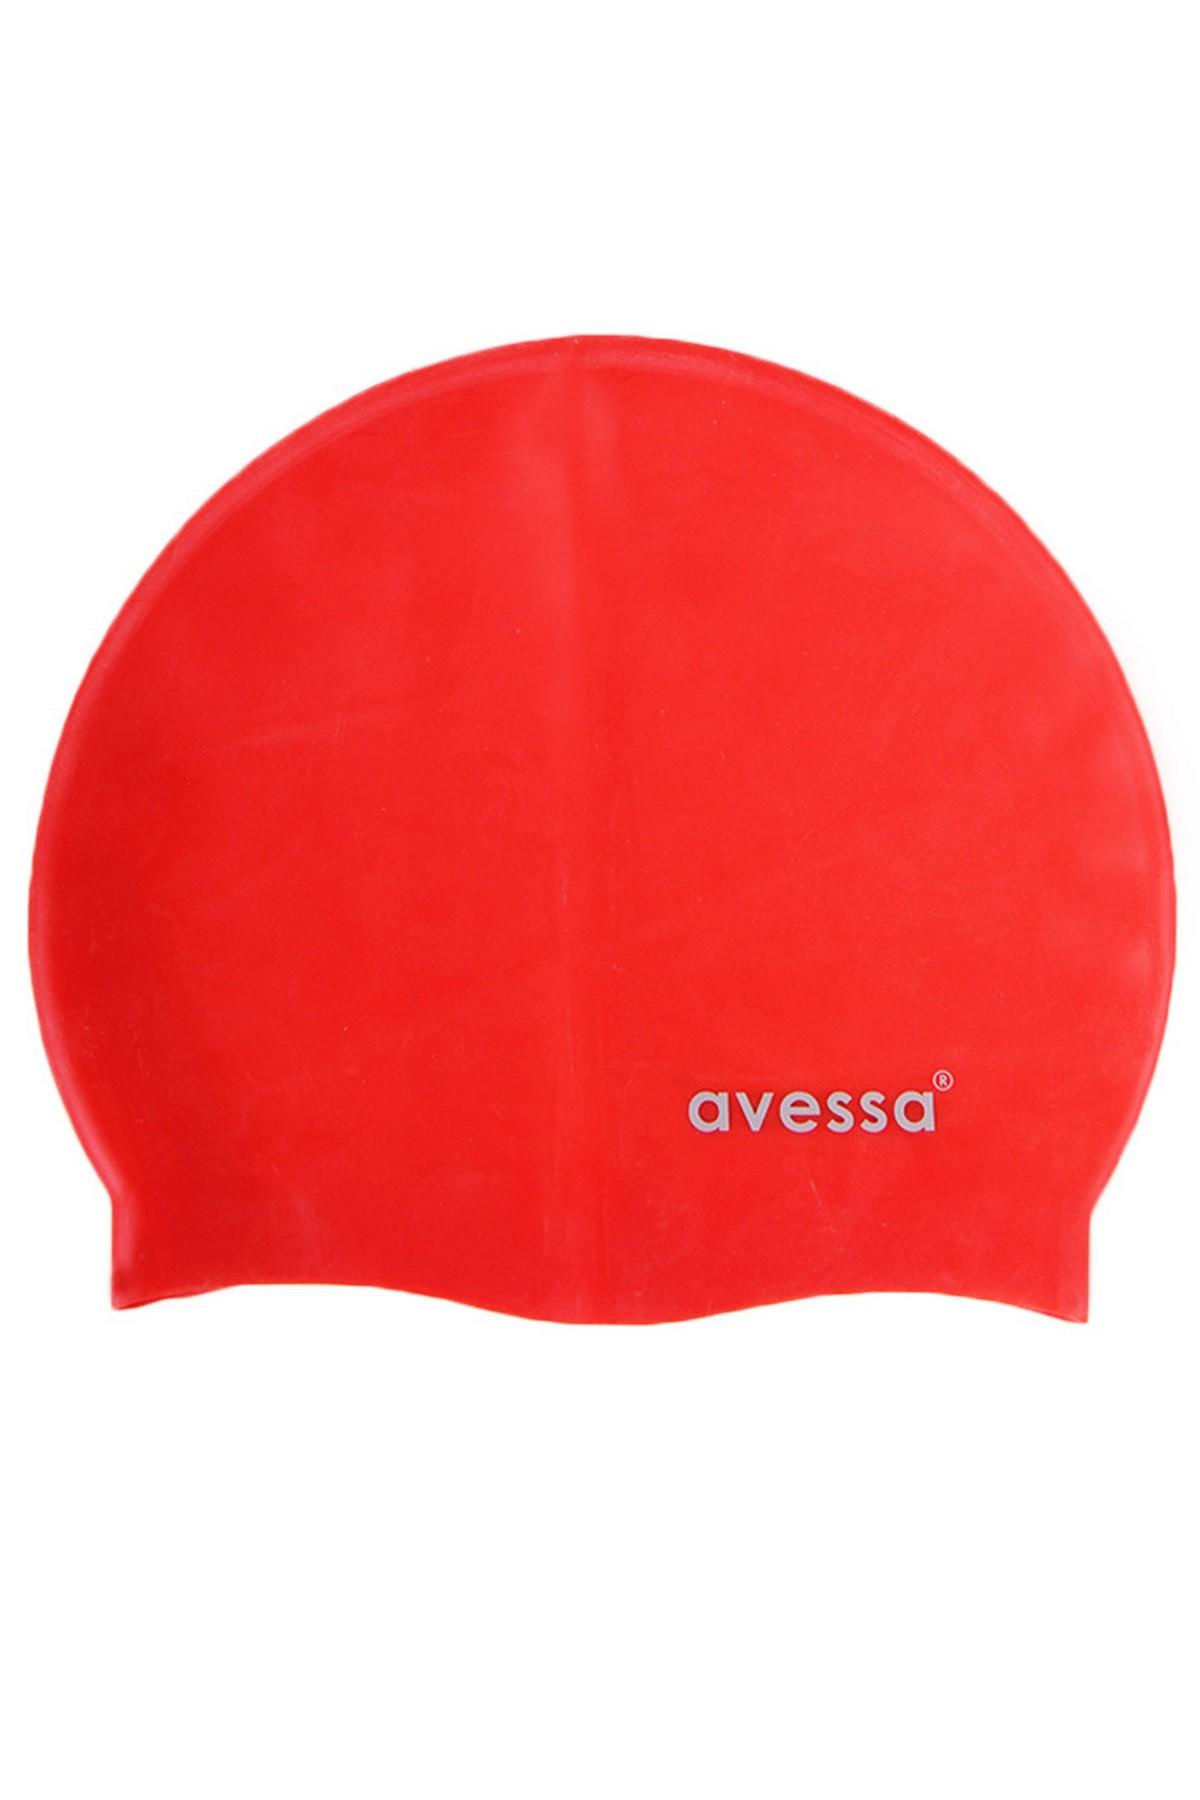 Avessa SC401